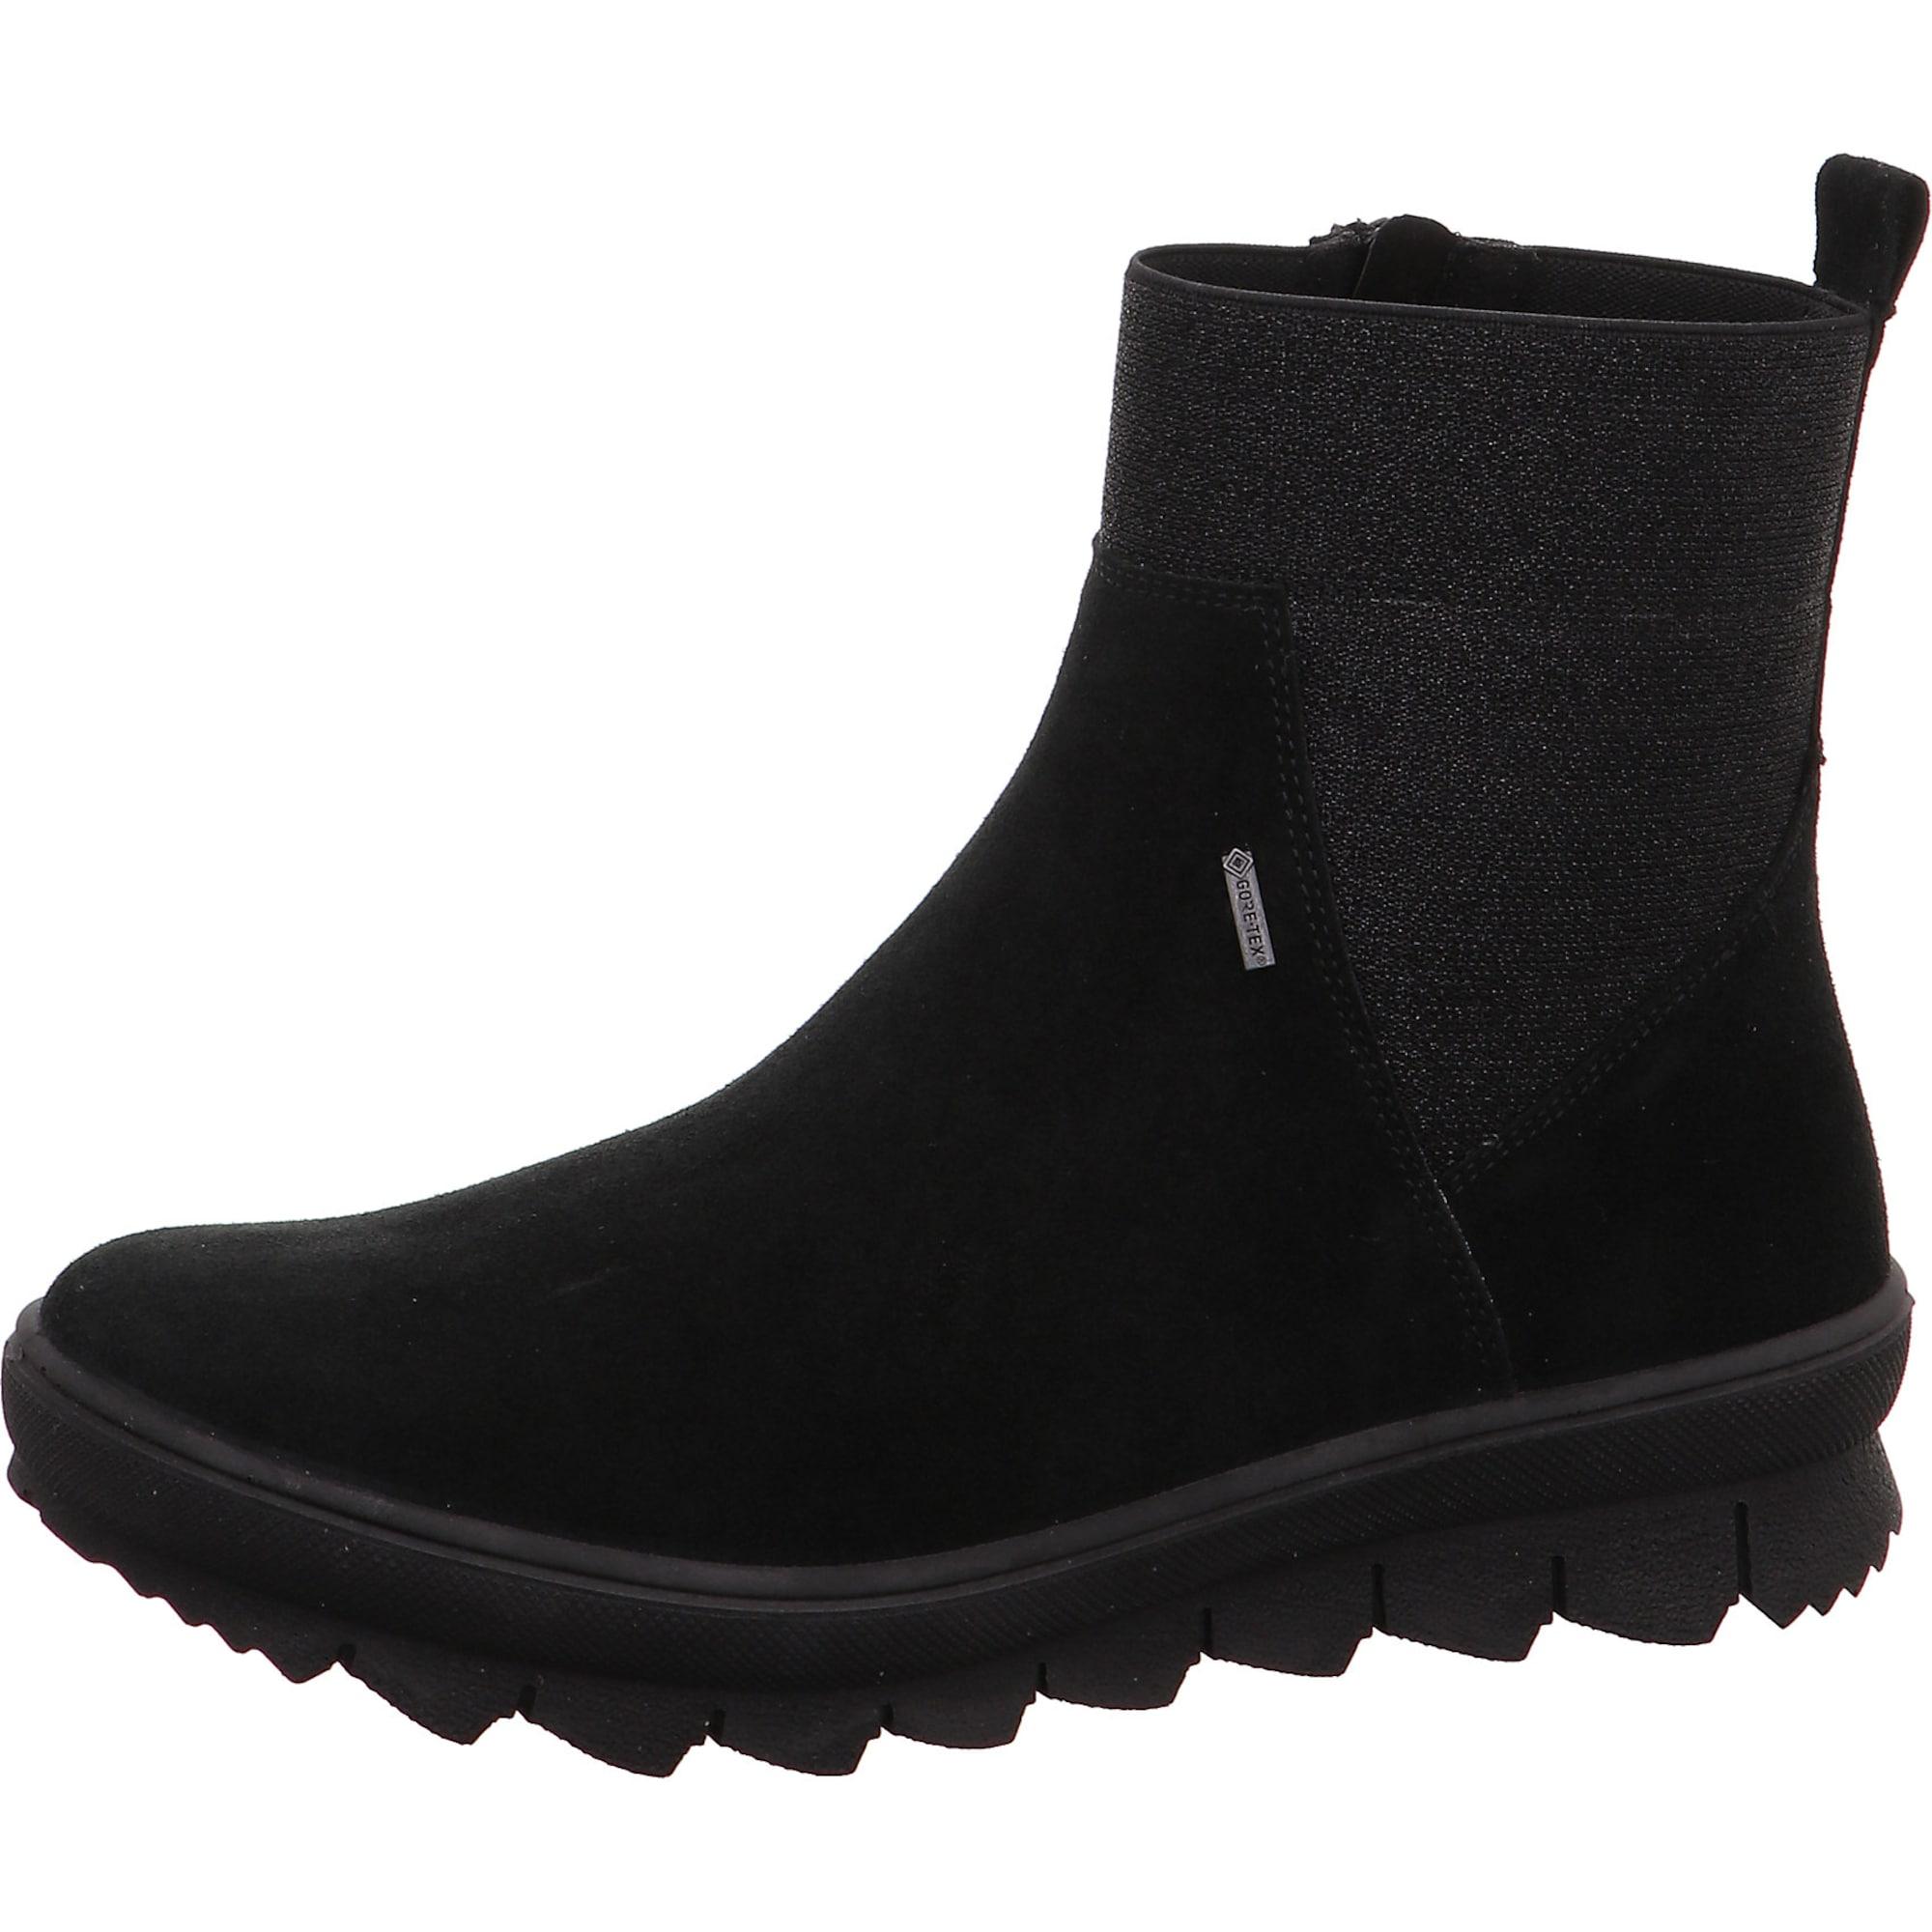 Winterstiefelette 'NOVARA'   Schuhe > Stiefeletten > Winterstiefeletten   Schwarz   Legero